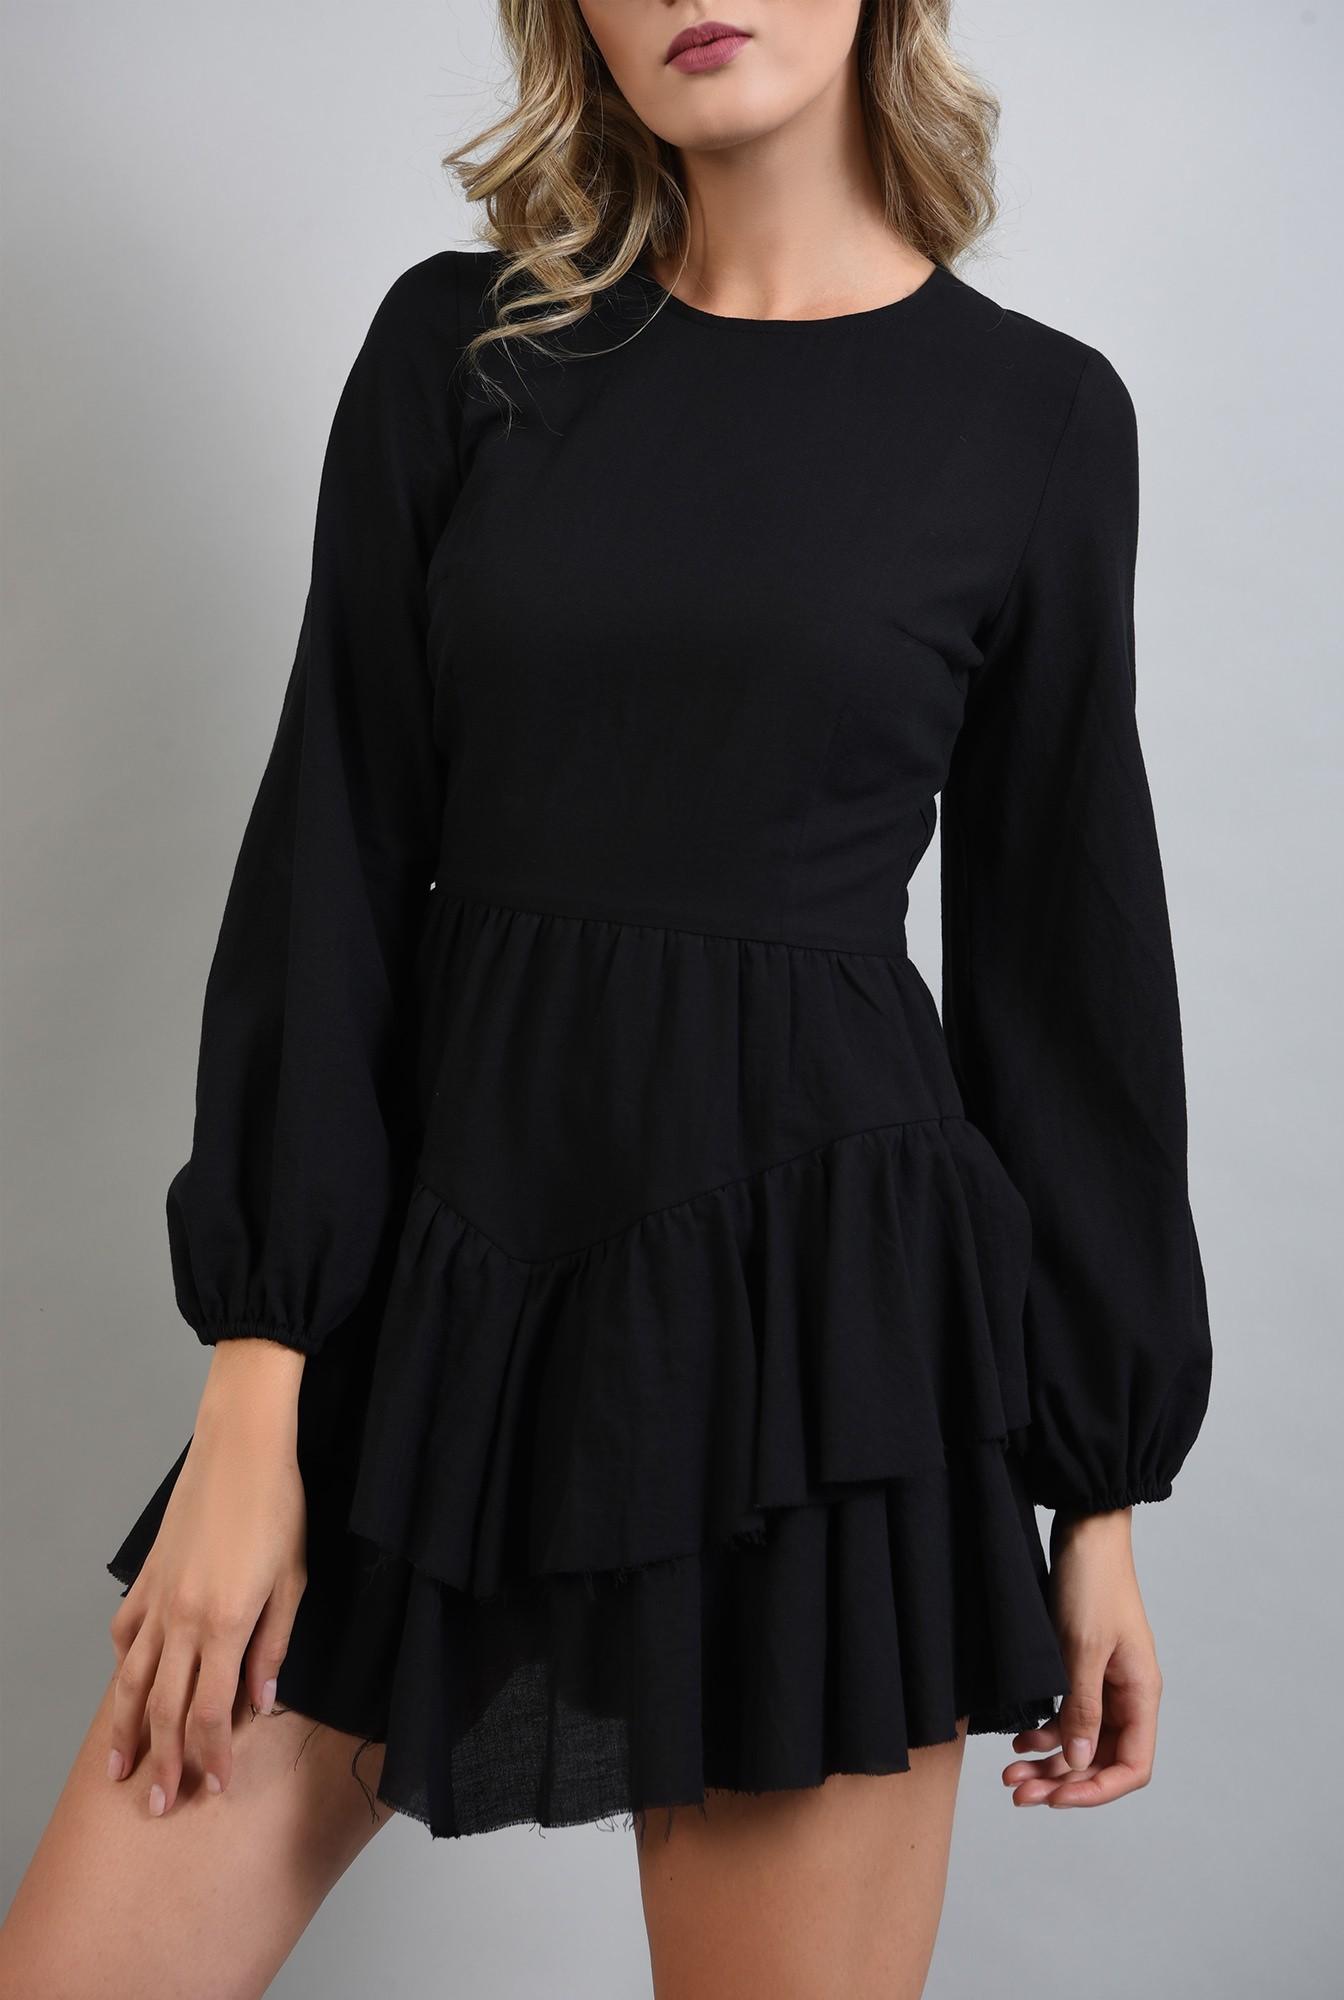 2 - rochie neagra cu volane, maneci bufante, Poema